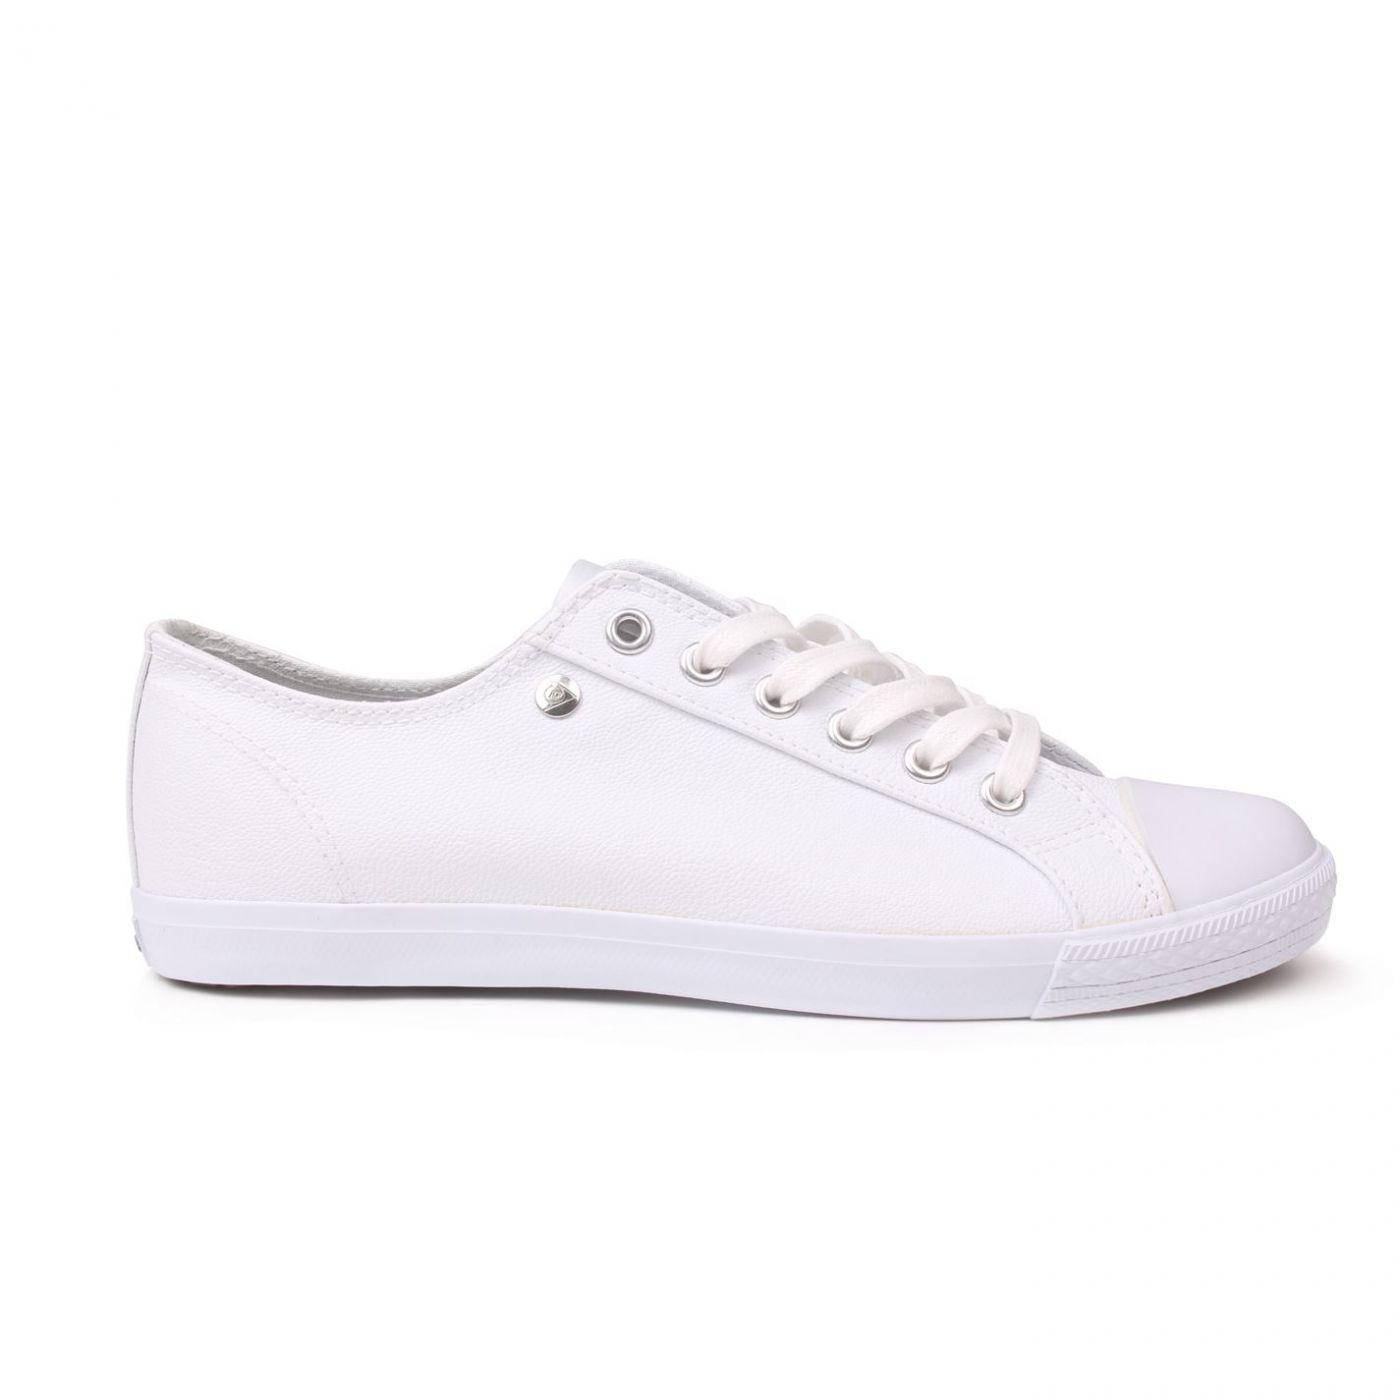 Dunlop Micro Lo Pro Ladies Shoes